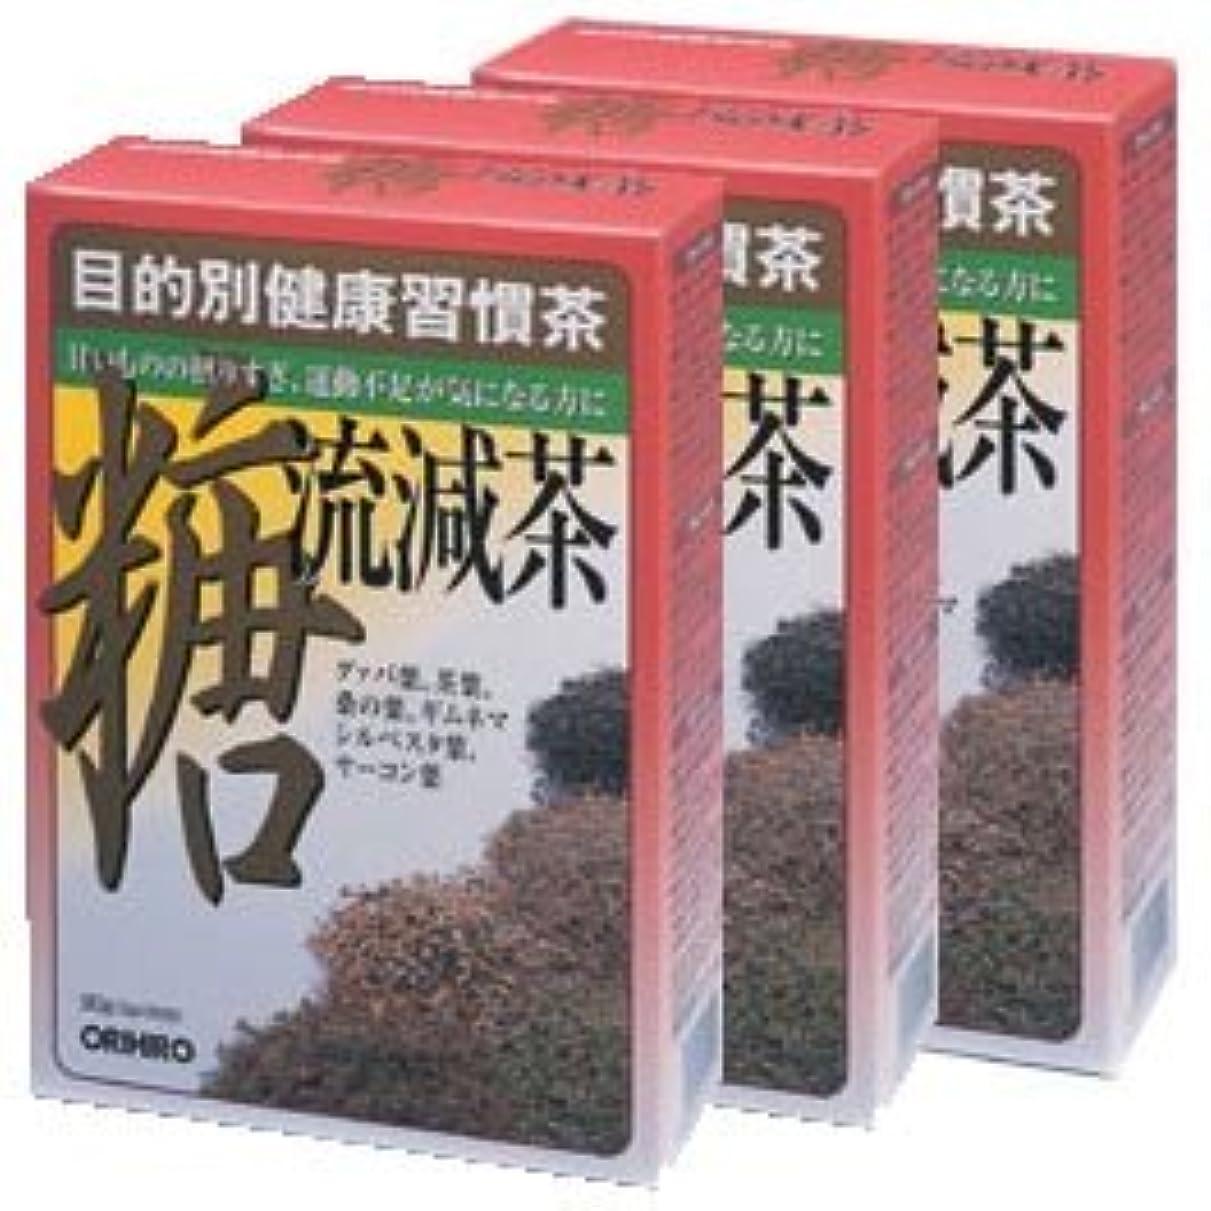 喜び二年生ダメージオリヒロ 目的別健康習慣茶 糖流減茶30包【3箱セット】